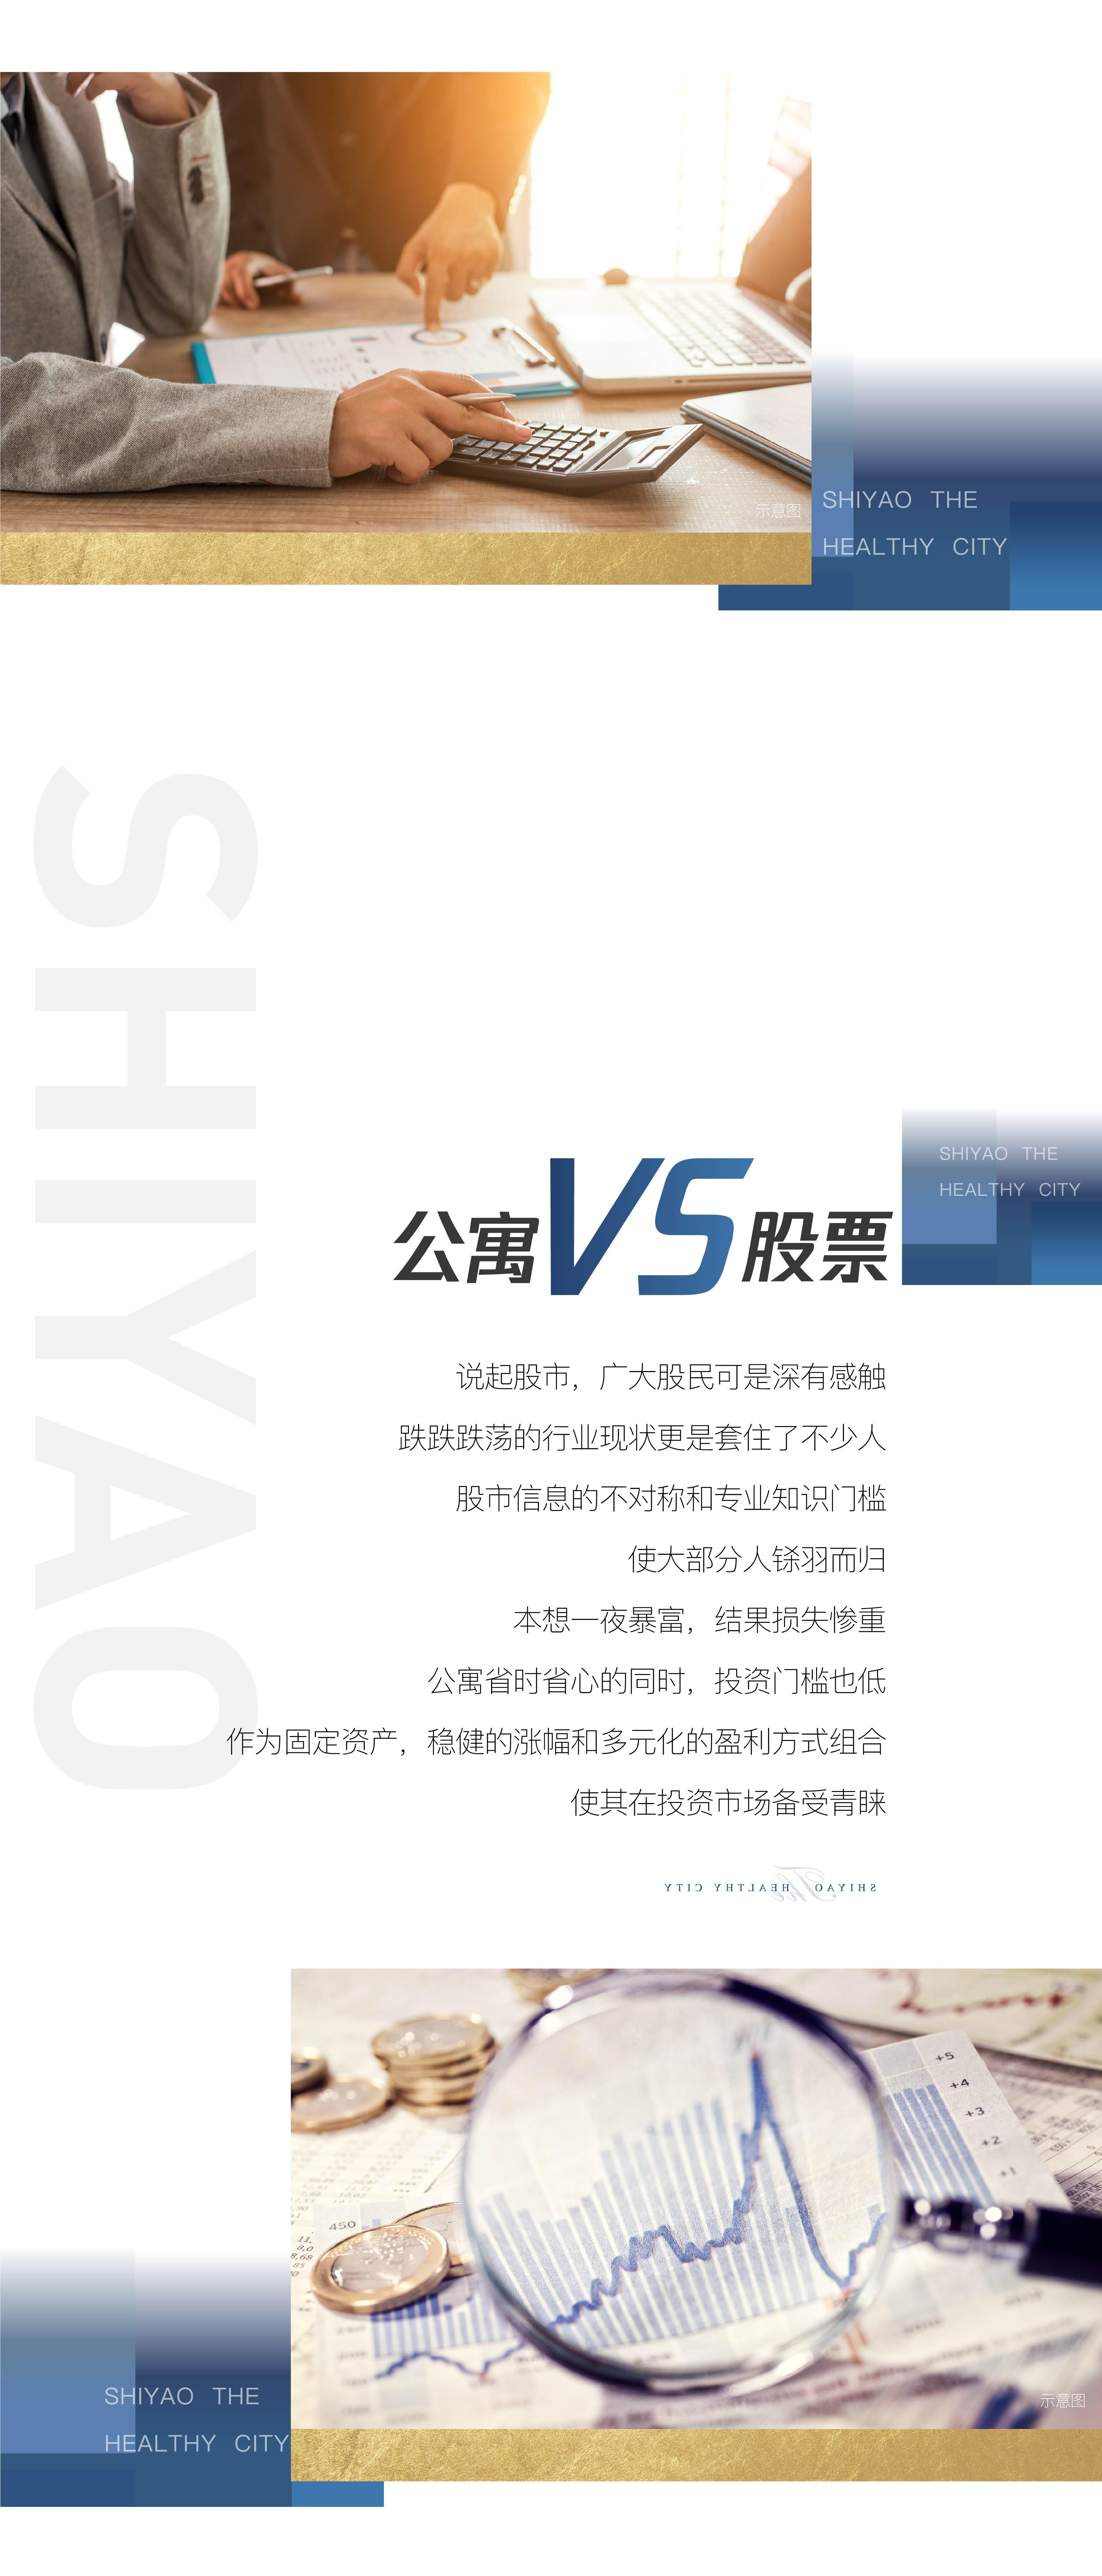 微信图片_202012031454532.jpg